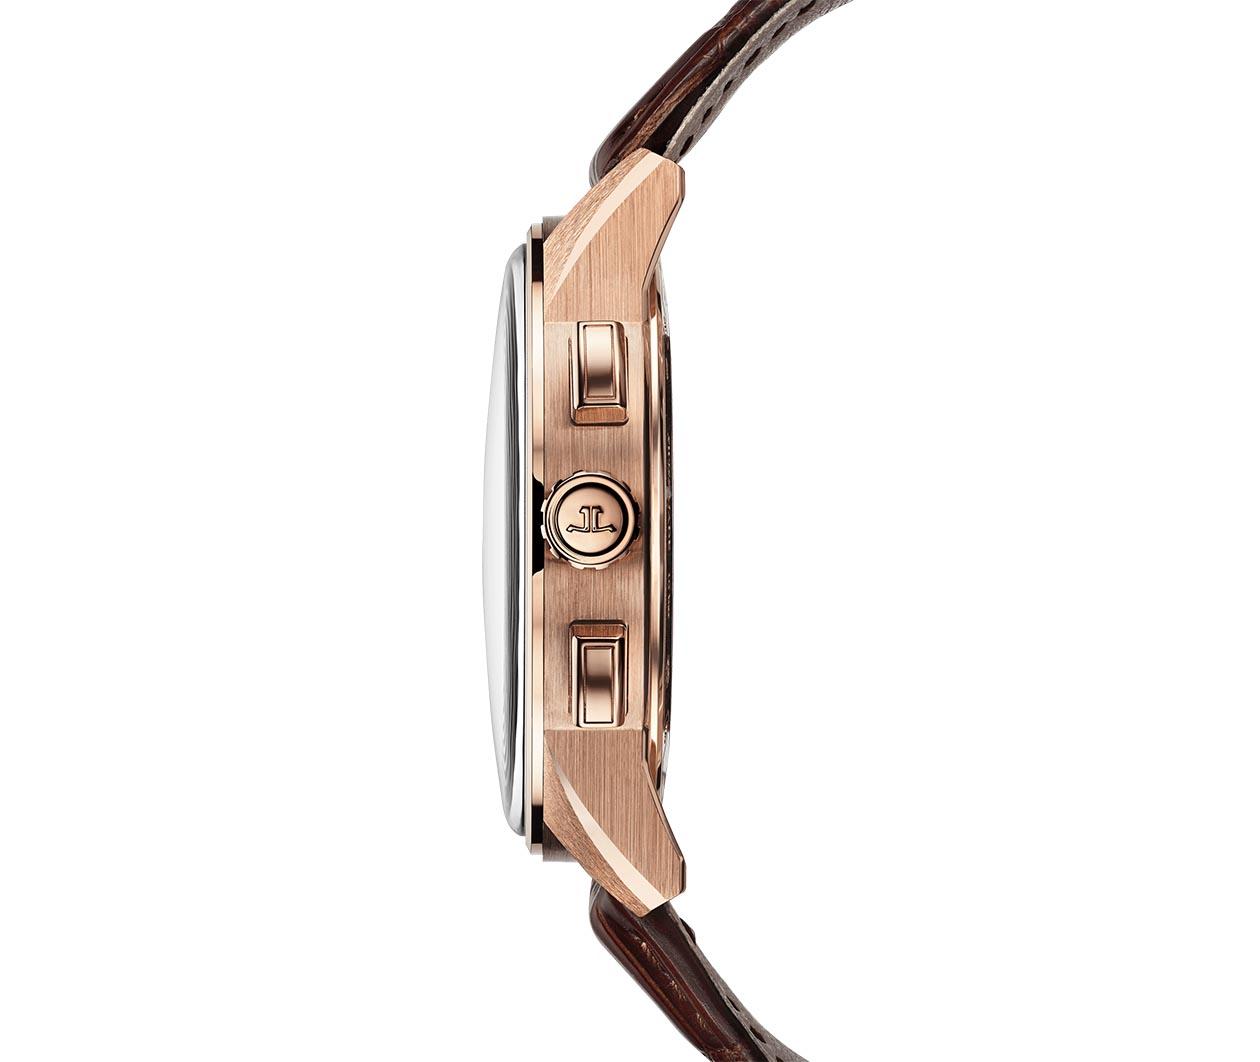 JaegerLeCoultre Polaris Chronograph 9022450 Carousel 2 FINAL